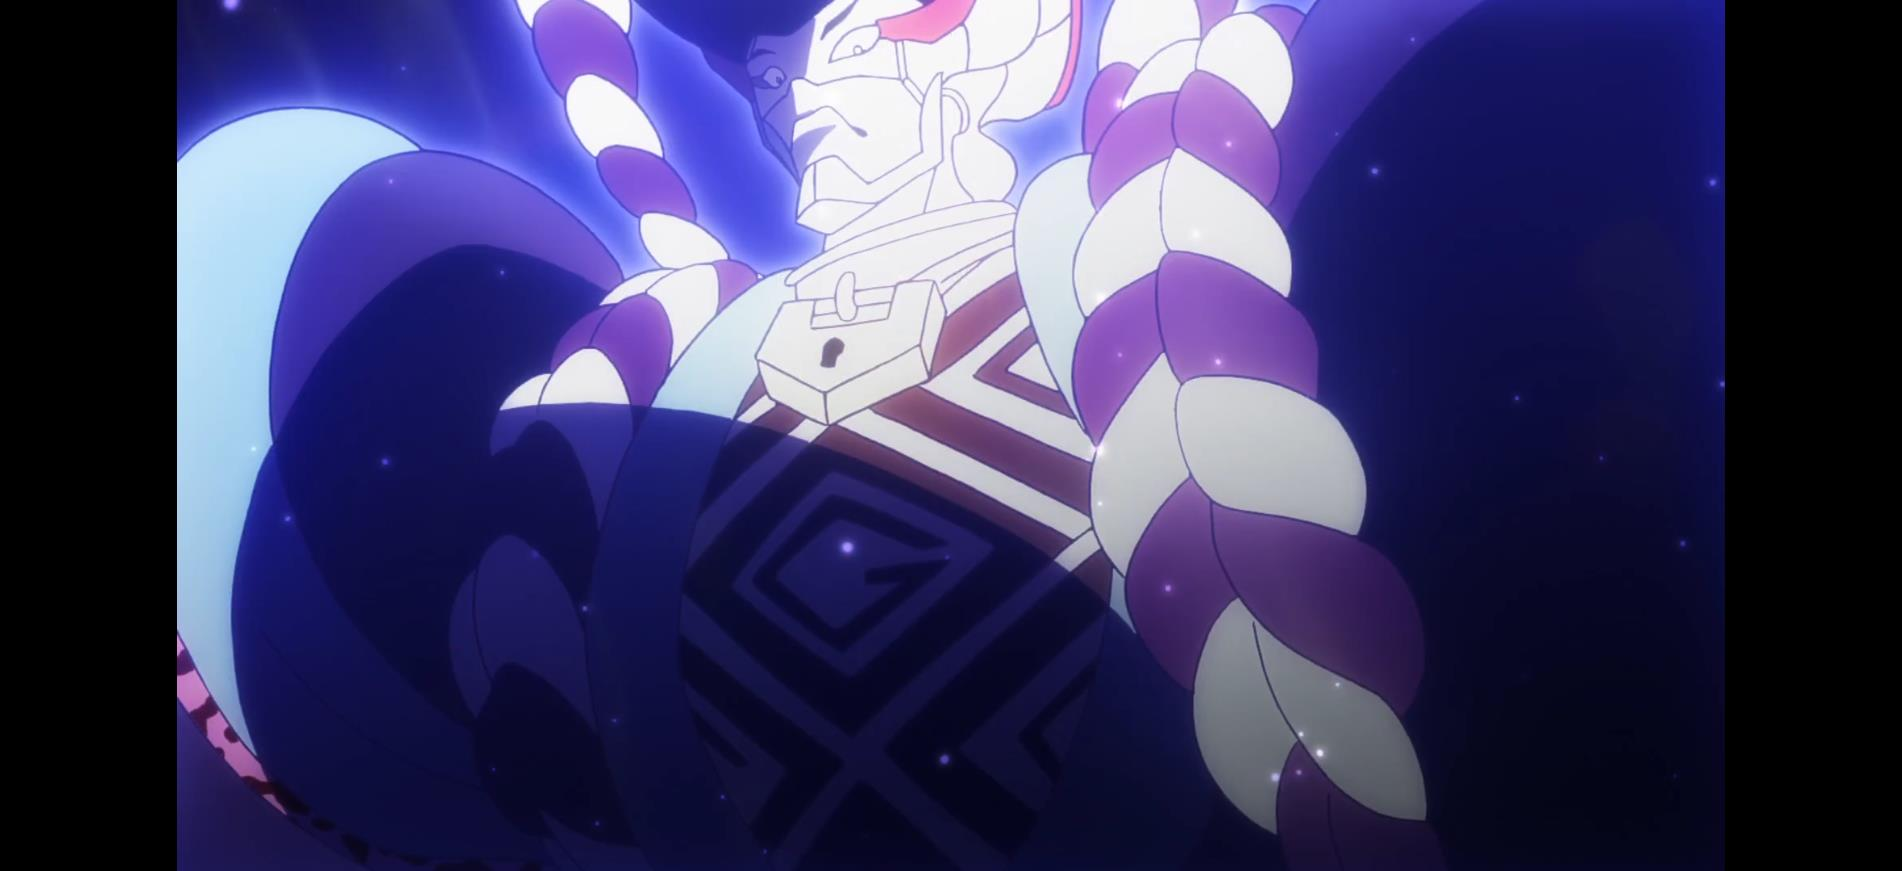 [2.0] Caméos et clins d'oeil dans les anime et mangas!  - Page 9 139507HorribleSubsPersona5THEDAYBREAKERS001080pmkvsnapshot164220160904102521